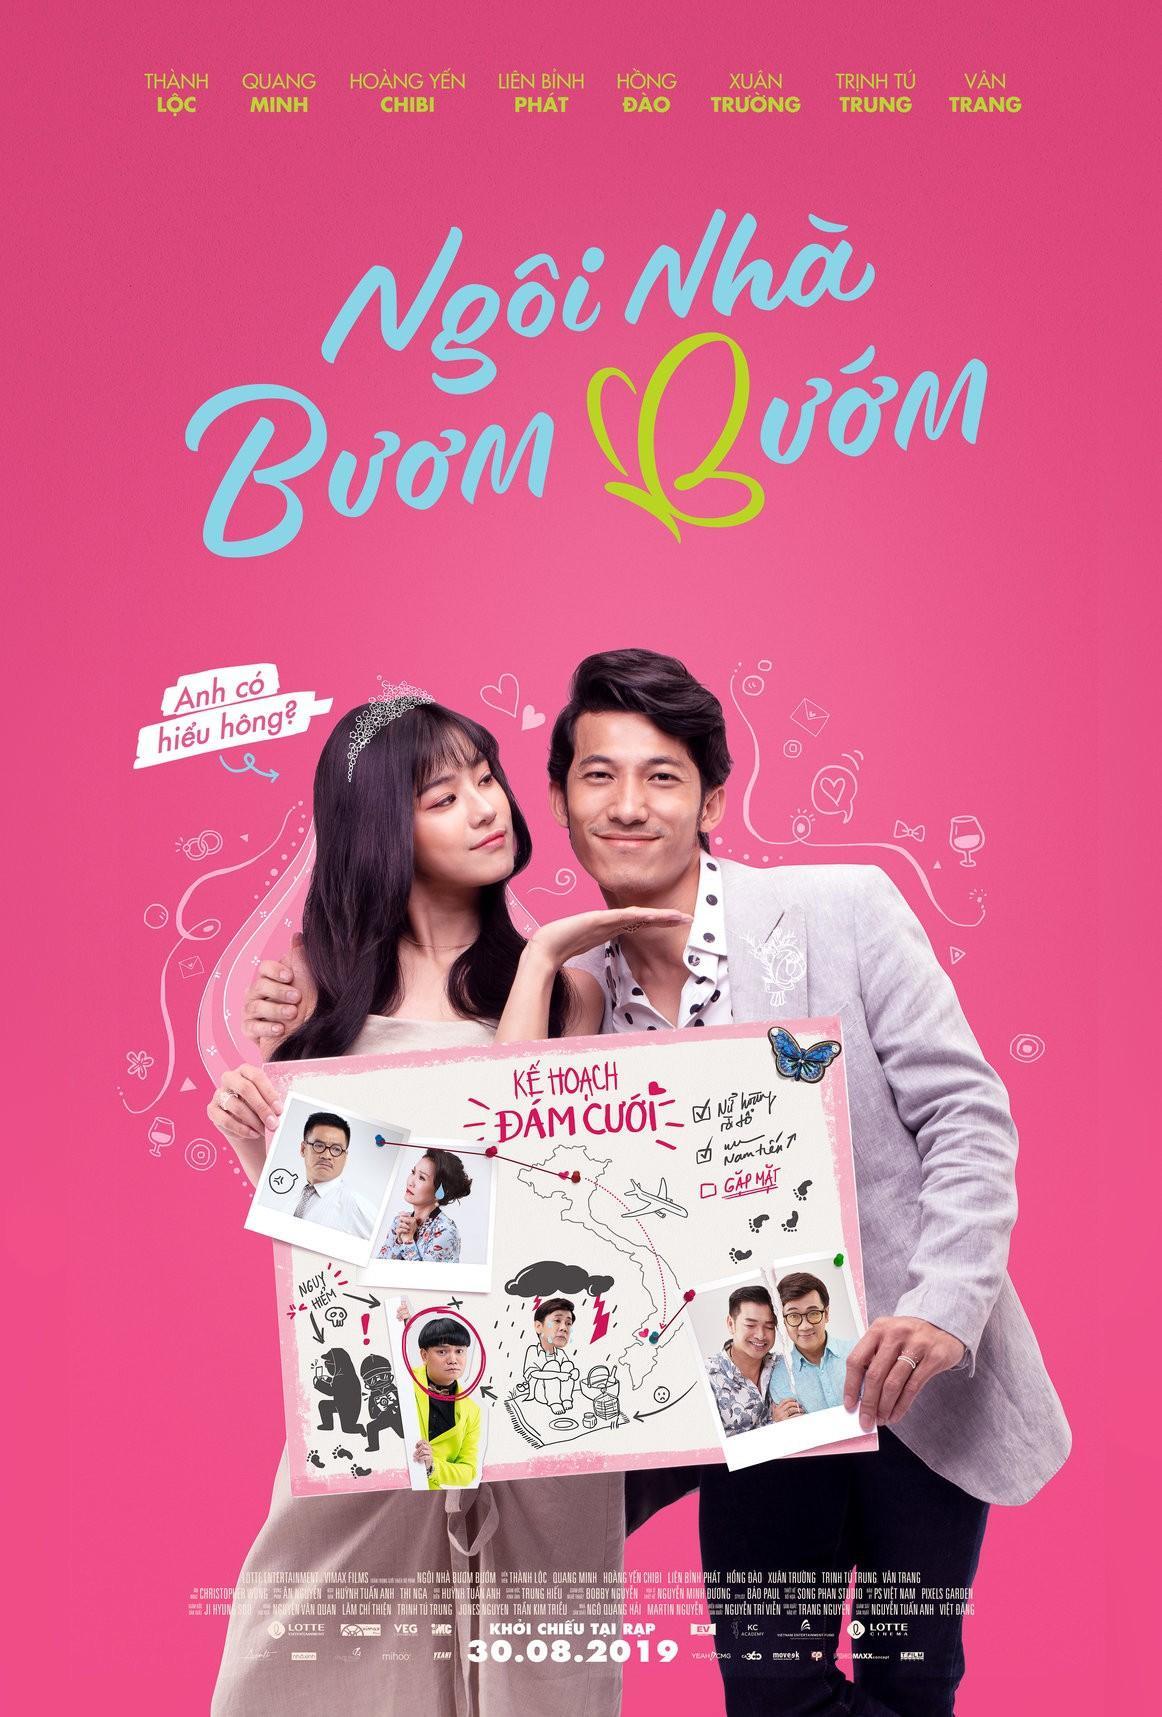 VZN News: Chỉ với 4 phát ngôn ồn ào, Noo Phước Thịnh được phong nam ca sĩ gắt nhất showbiz Việt-1